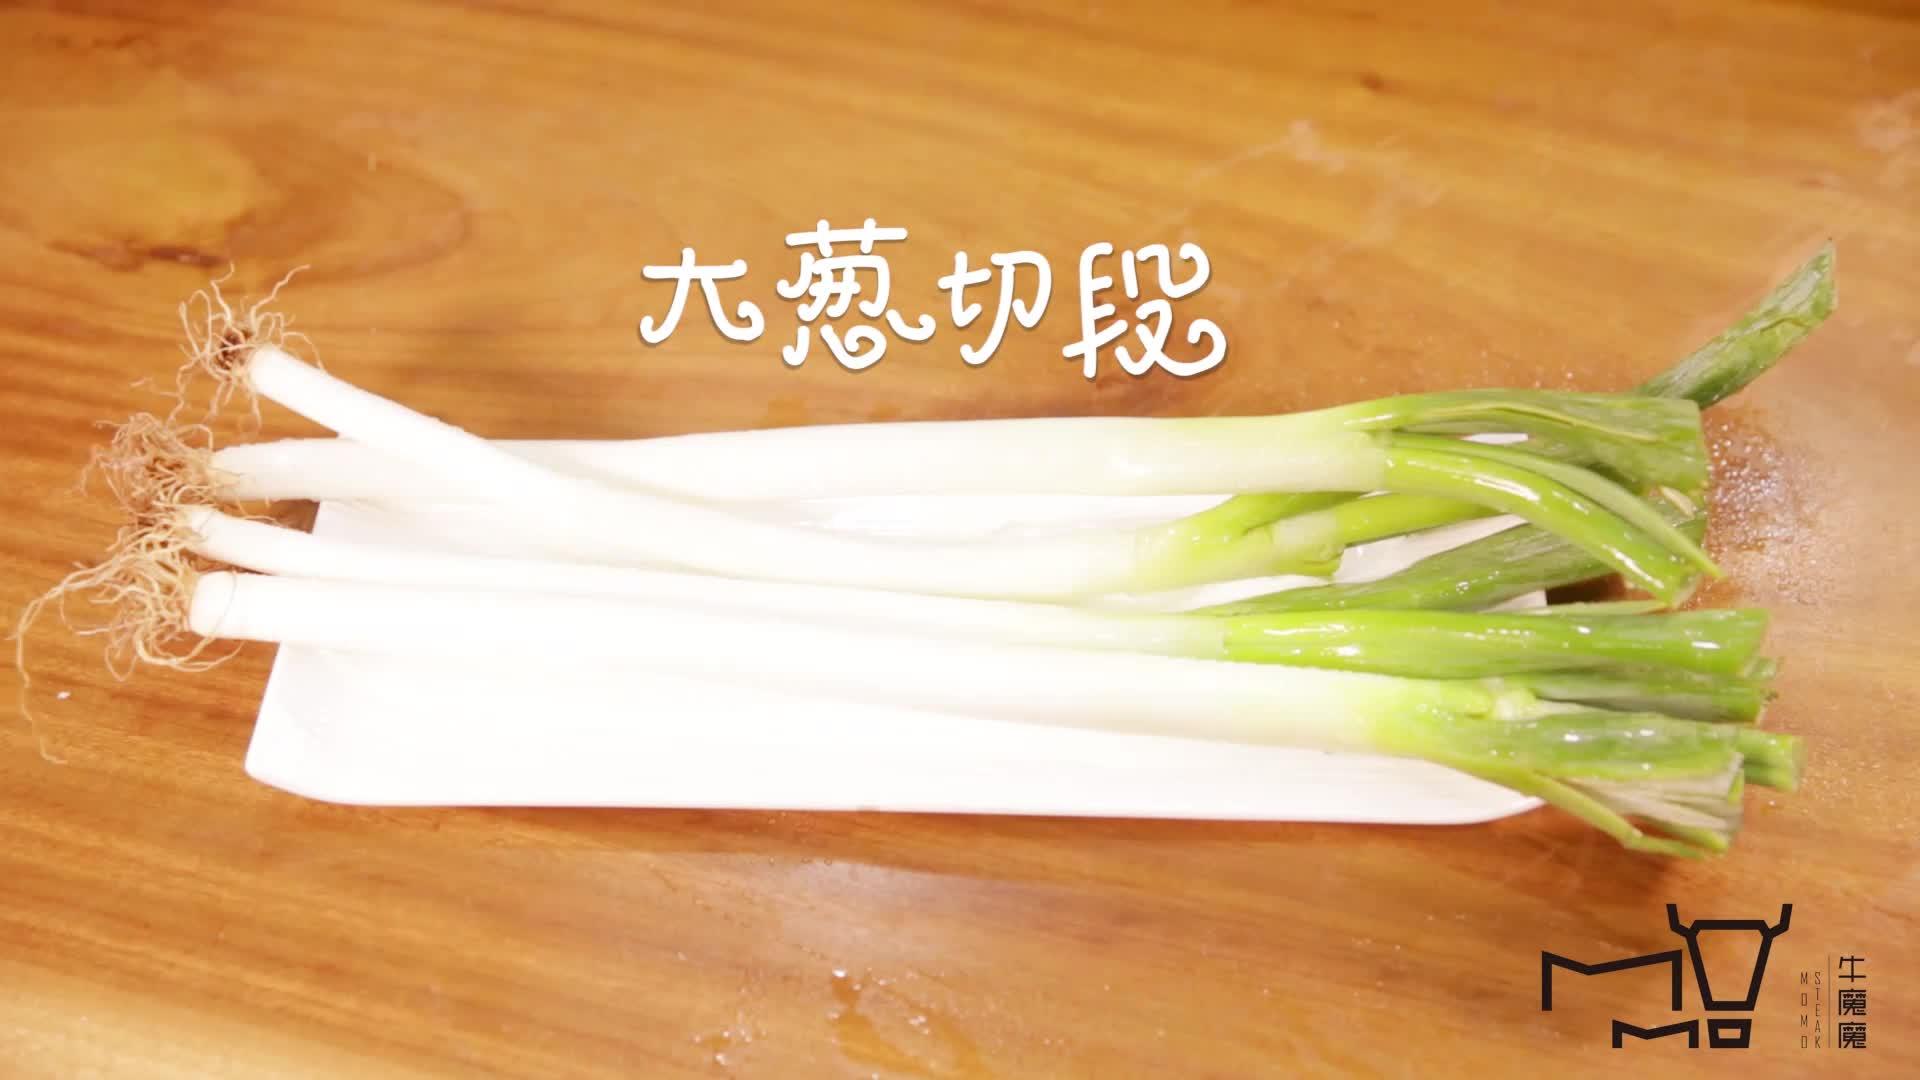 美厨娘陈泯西之作—香草海盐